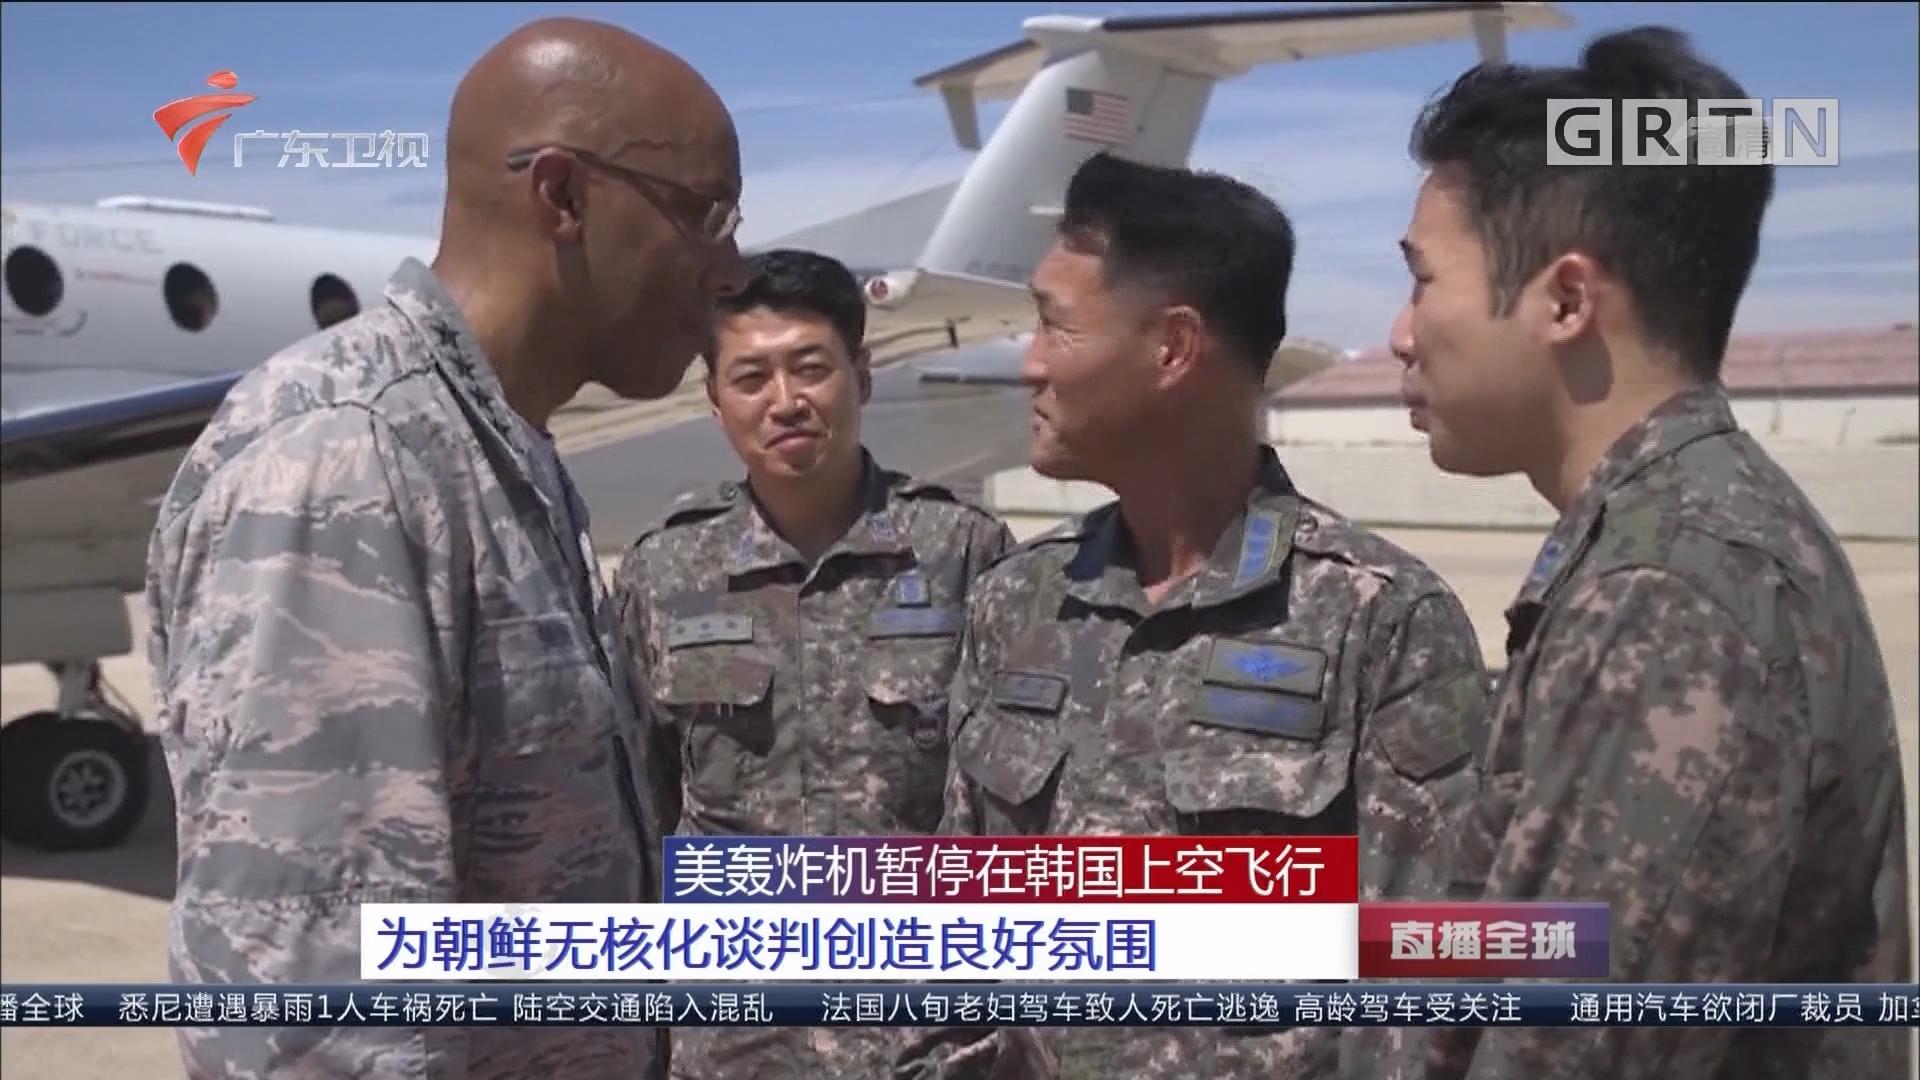 美轰炸机暂停在韩国上空飞行:为朝鲜无核化谈判创造良好氛围